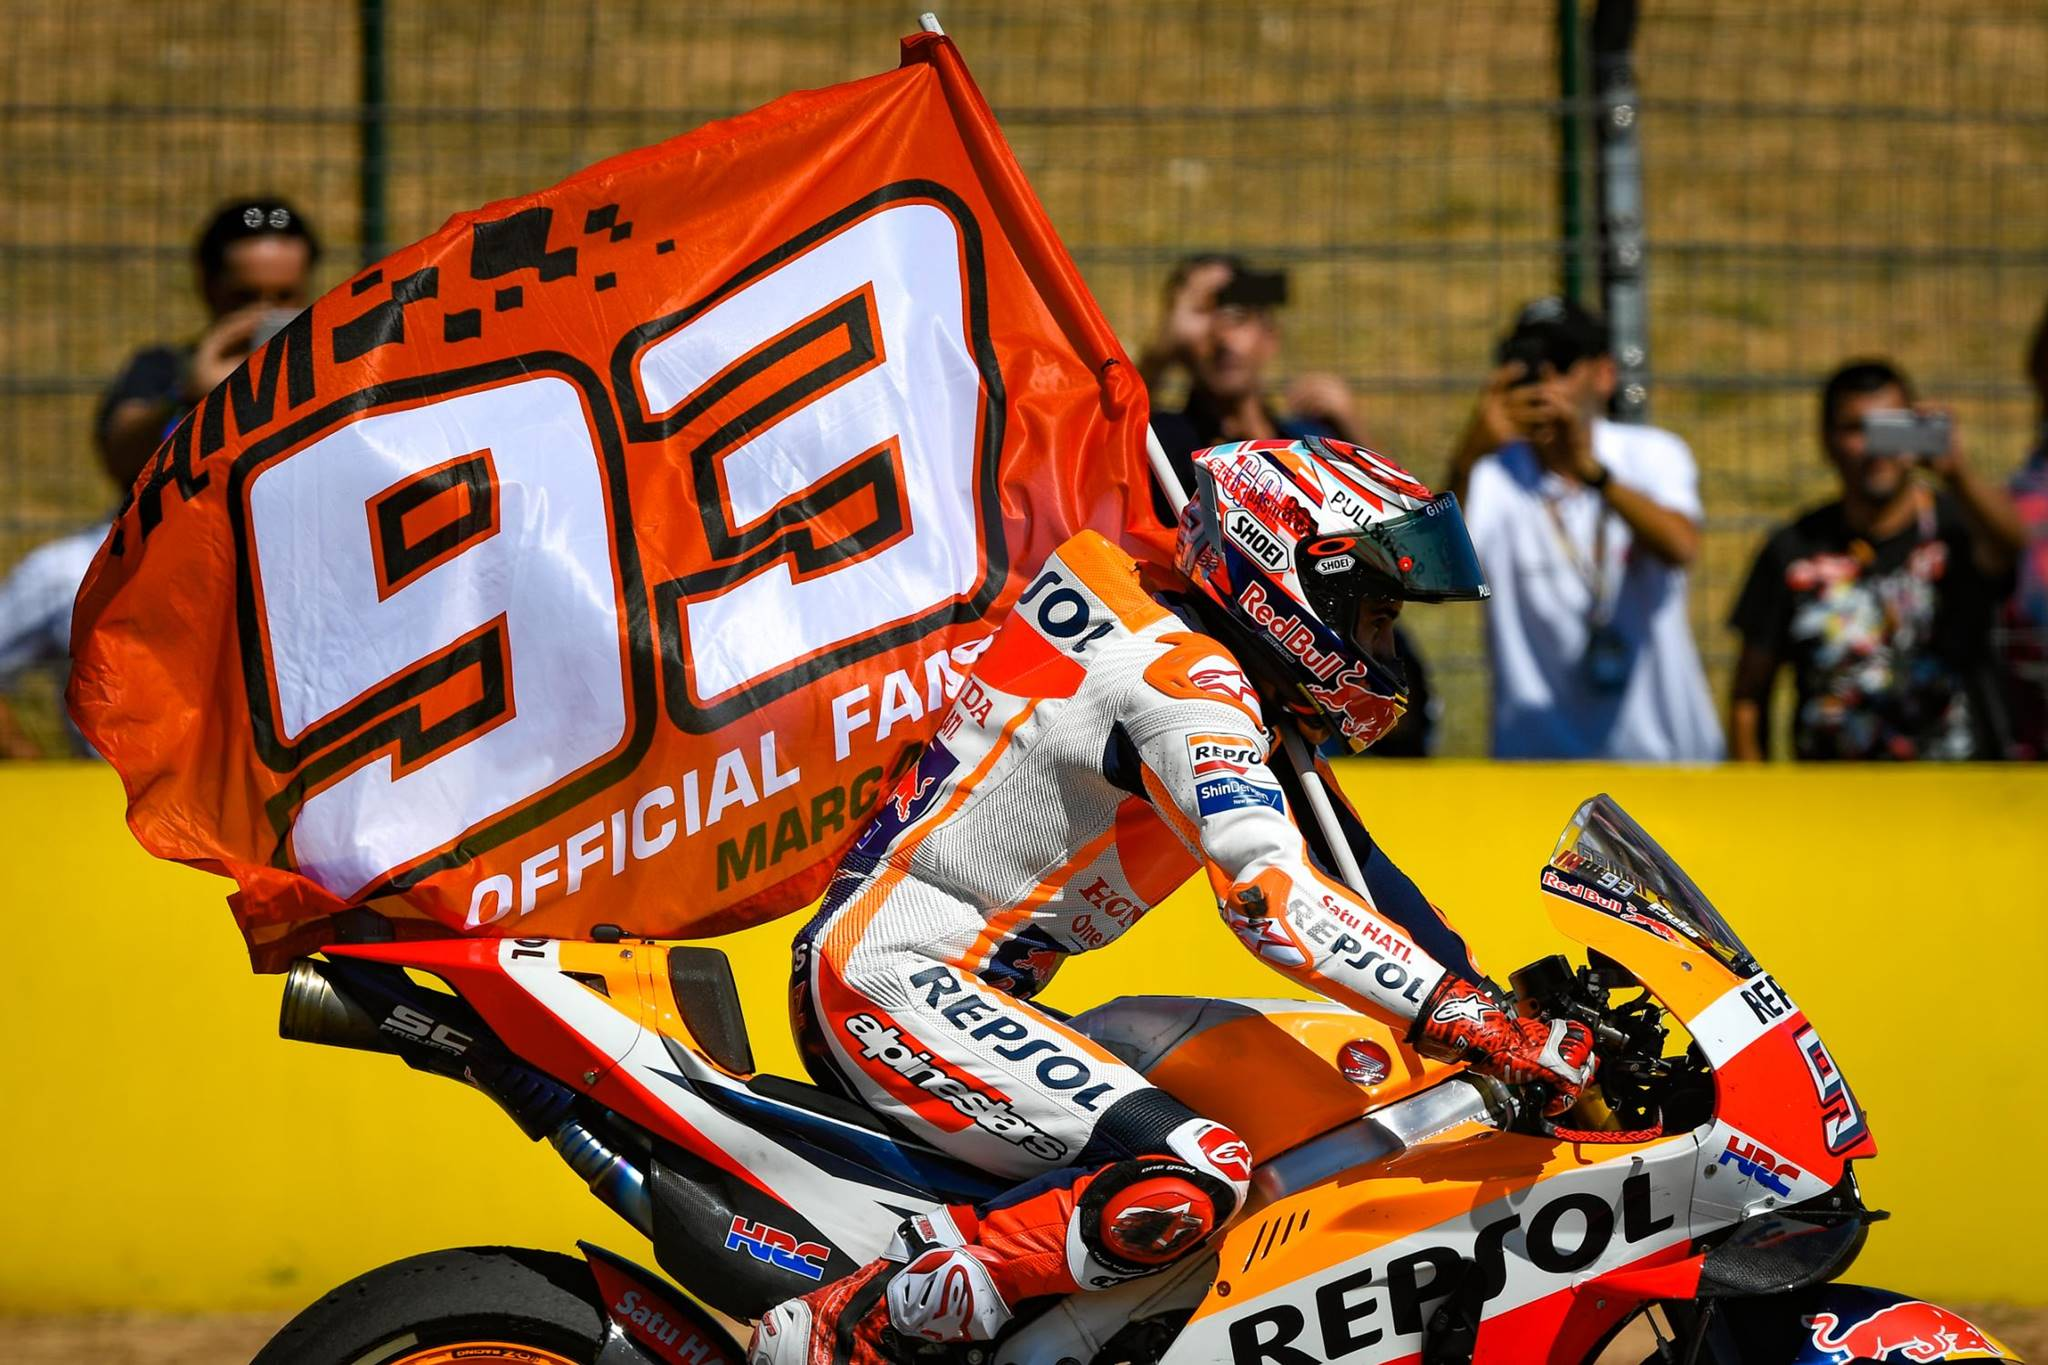 AragonGP_MotoGP_2018_Xe_Tinhte_007.jpg